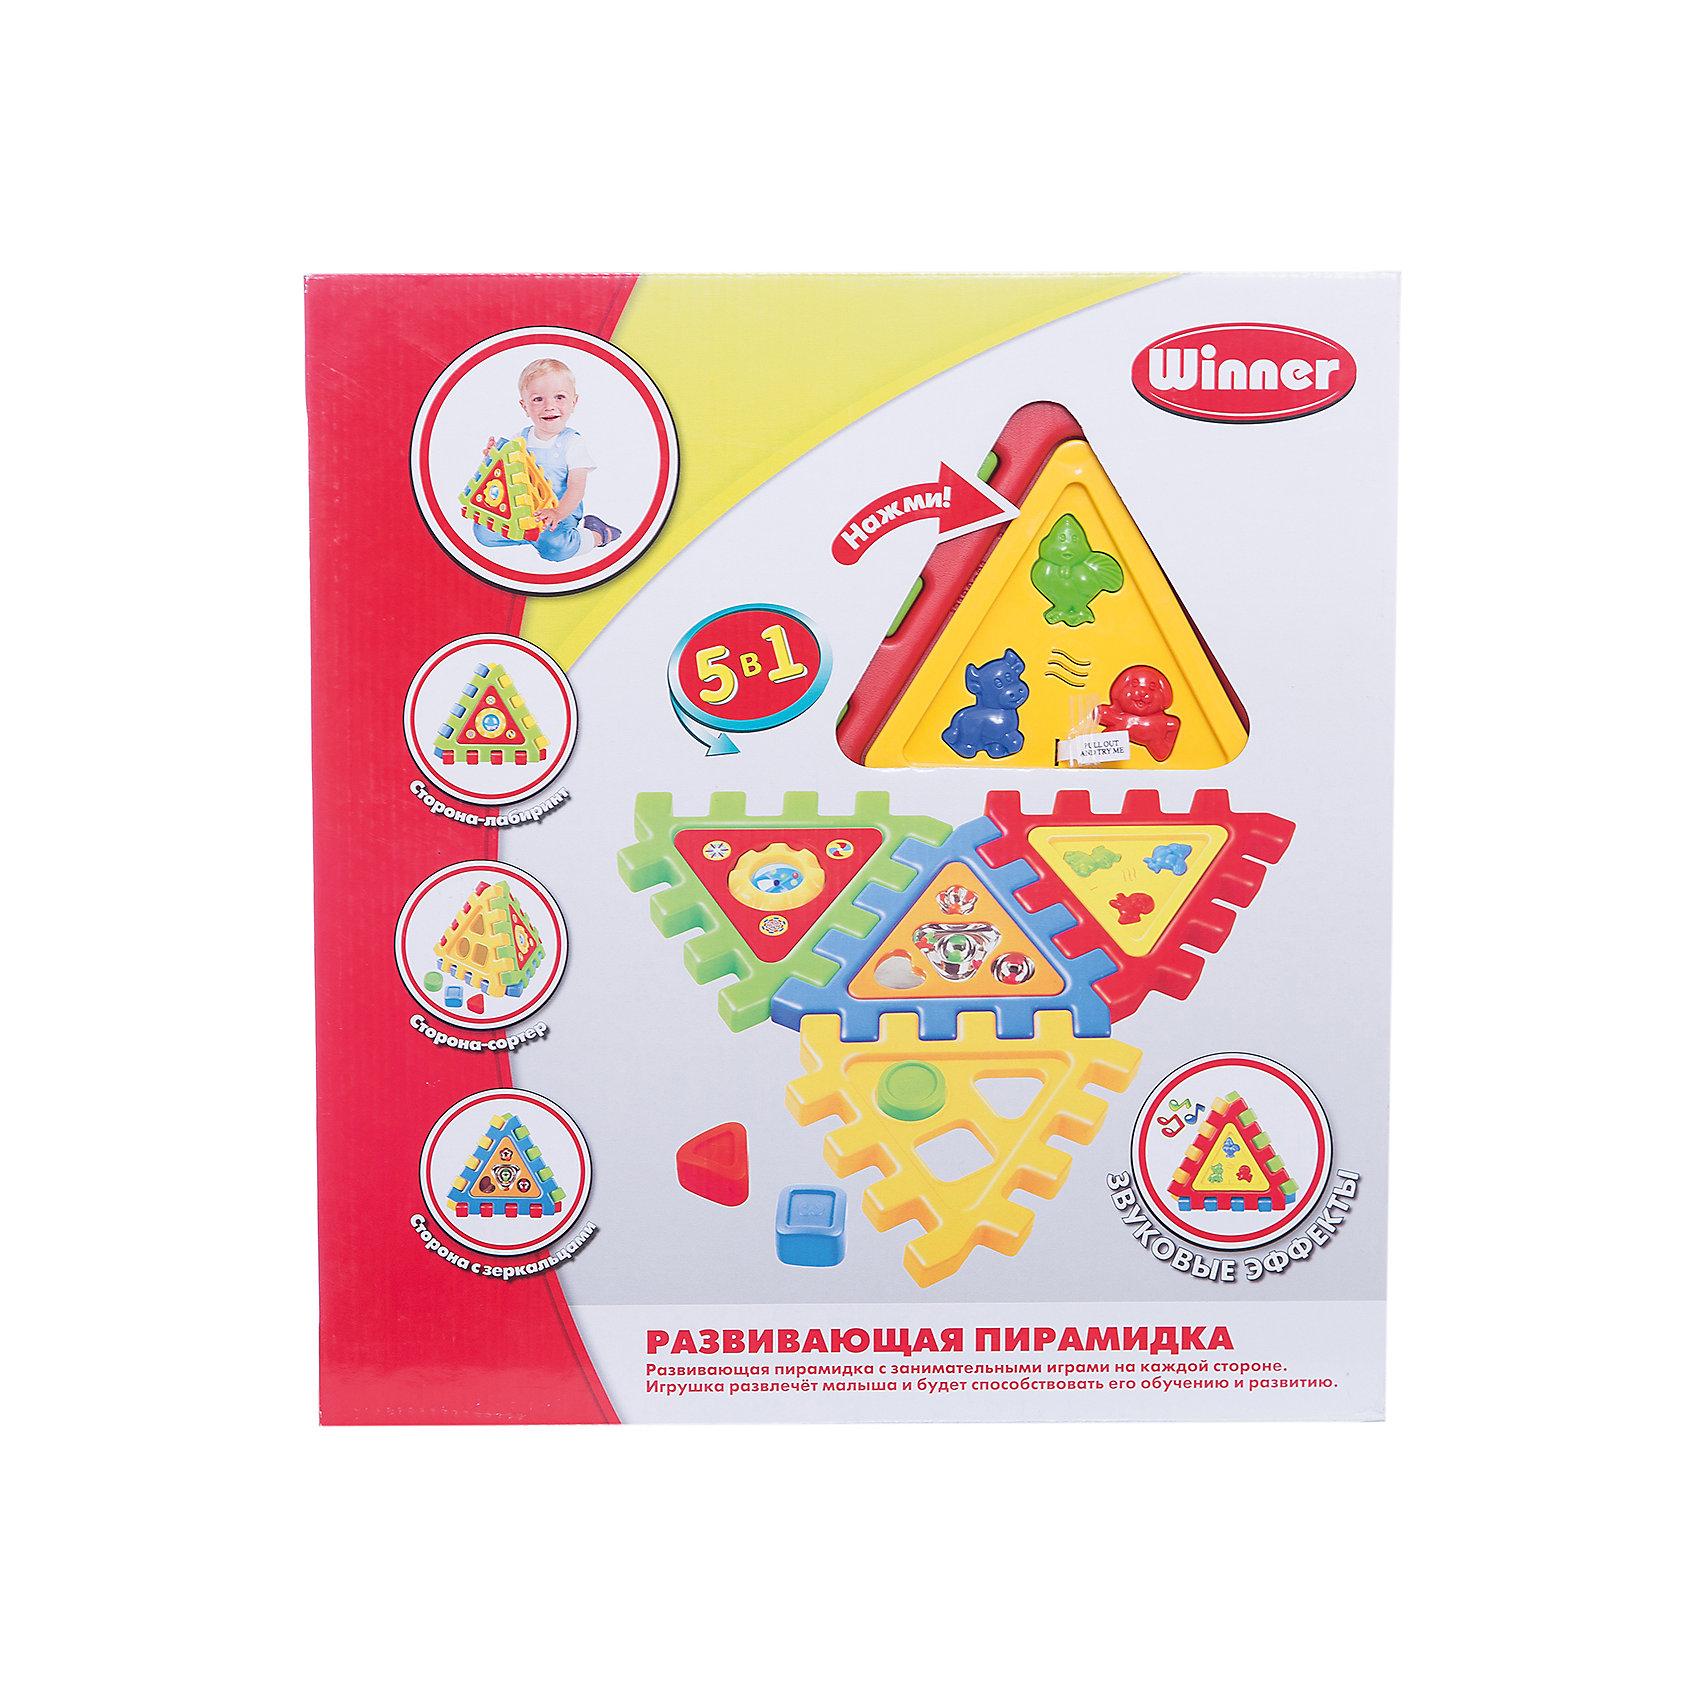 Winner Пирамидка, электроннаяРазвивающая электронная игрушка с звуковыми эффектами для самых маленьких. Стимулирует творческие способности, игровые навыки и воображение у детей любого возраста, а также способствует развитию мелкой моторики. <br>Собирается пирамидкой либо в виде коврика из 4х игровых панелей: сортер ( в форме круг, квадрат, треугольник), панель с озвучкой  животных (кнопочки корова, цыпленок, собака), панель с зеркальцами, панель с лабиринтом. <br><br>Дополнительная информация:<br><br>- В комплект входят: 4 игровые панели для сбора пирамидки, три формочки для сортера.<br>- Варианты сборки: в виде коврика либо пирамидки.<br>- Размер игрушки 22x26x26 см.<br><br> Игрушка развлечёт малыша и будет способствовать его обучению и развитию.<br><br>Ширина мм: 40<br>Глубина мм: 400<br>Высота мм: 580<br>Вес г: 950<br>Возраст от месяцев: 36<br>Возраст до месяцев: 108<br>Пол: Мужской<br>Возраст: Детский<br>SKU: 3261715